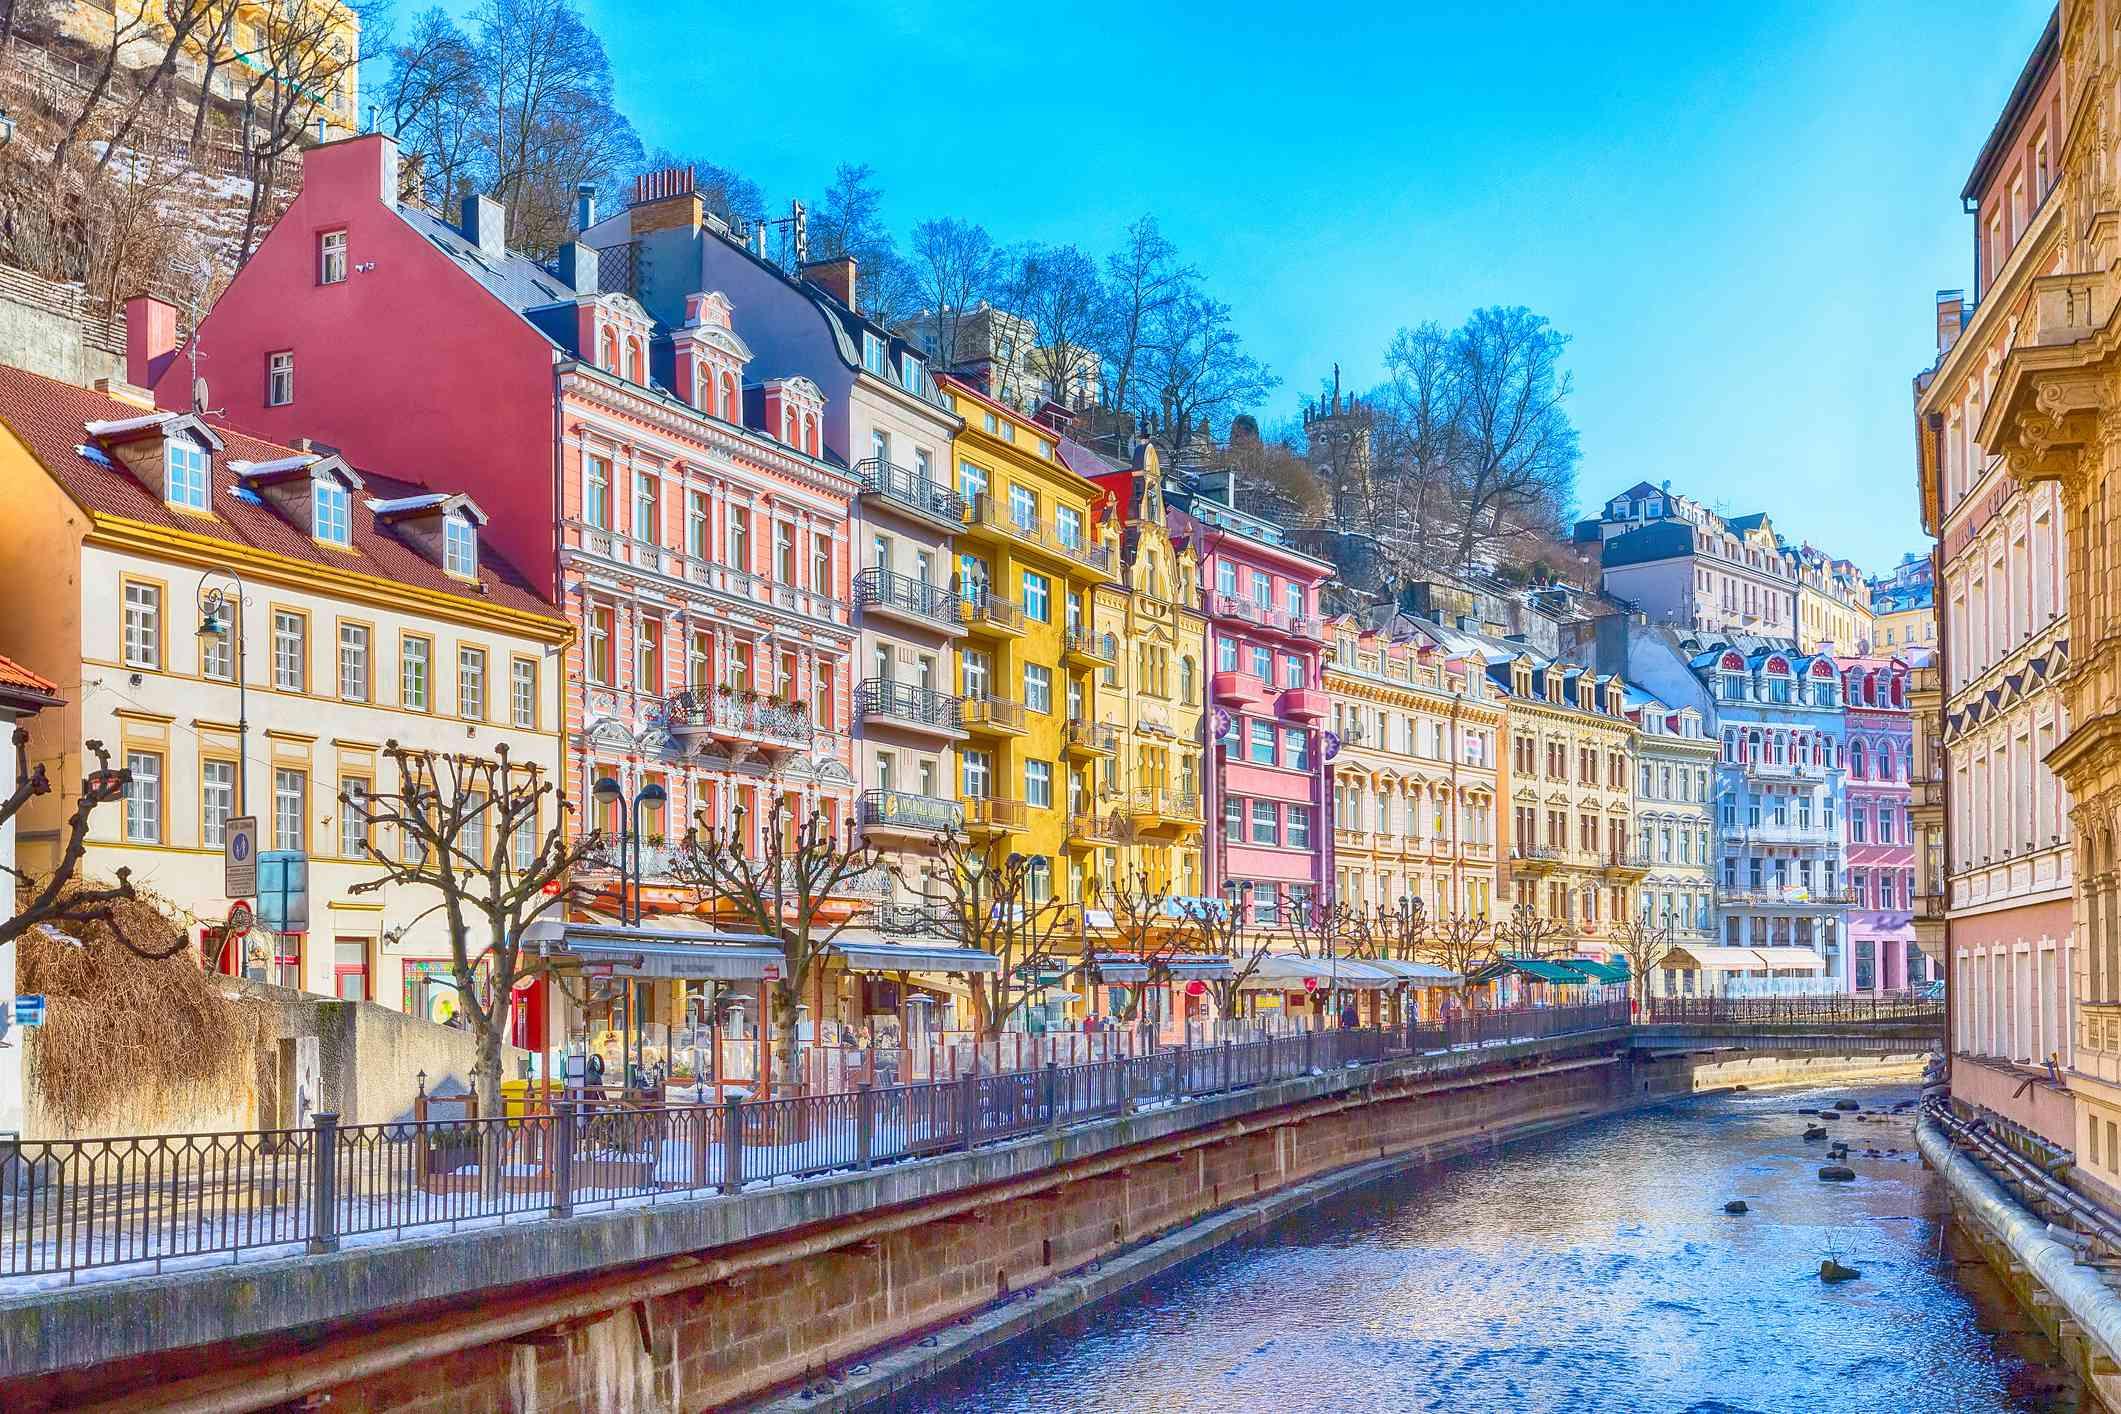 Vista panorámica de la calle Karlovy Vary, República Checa